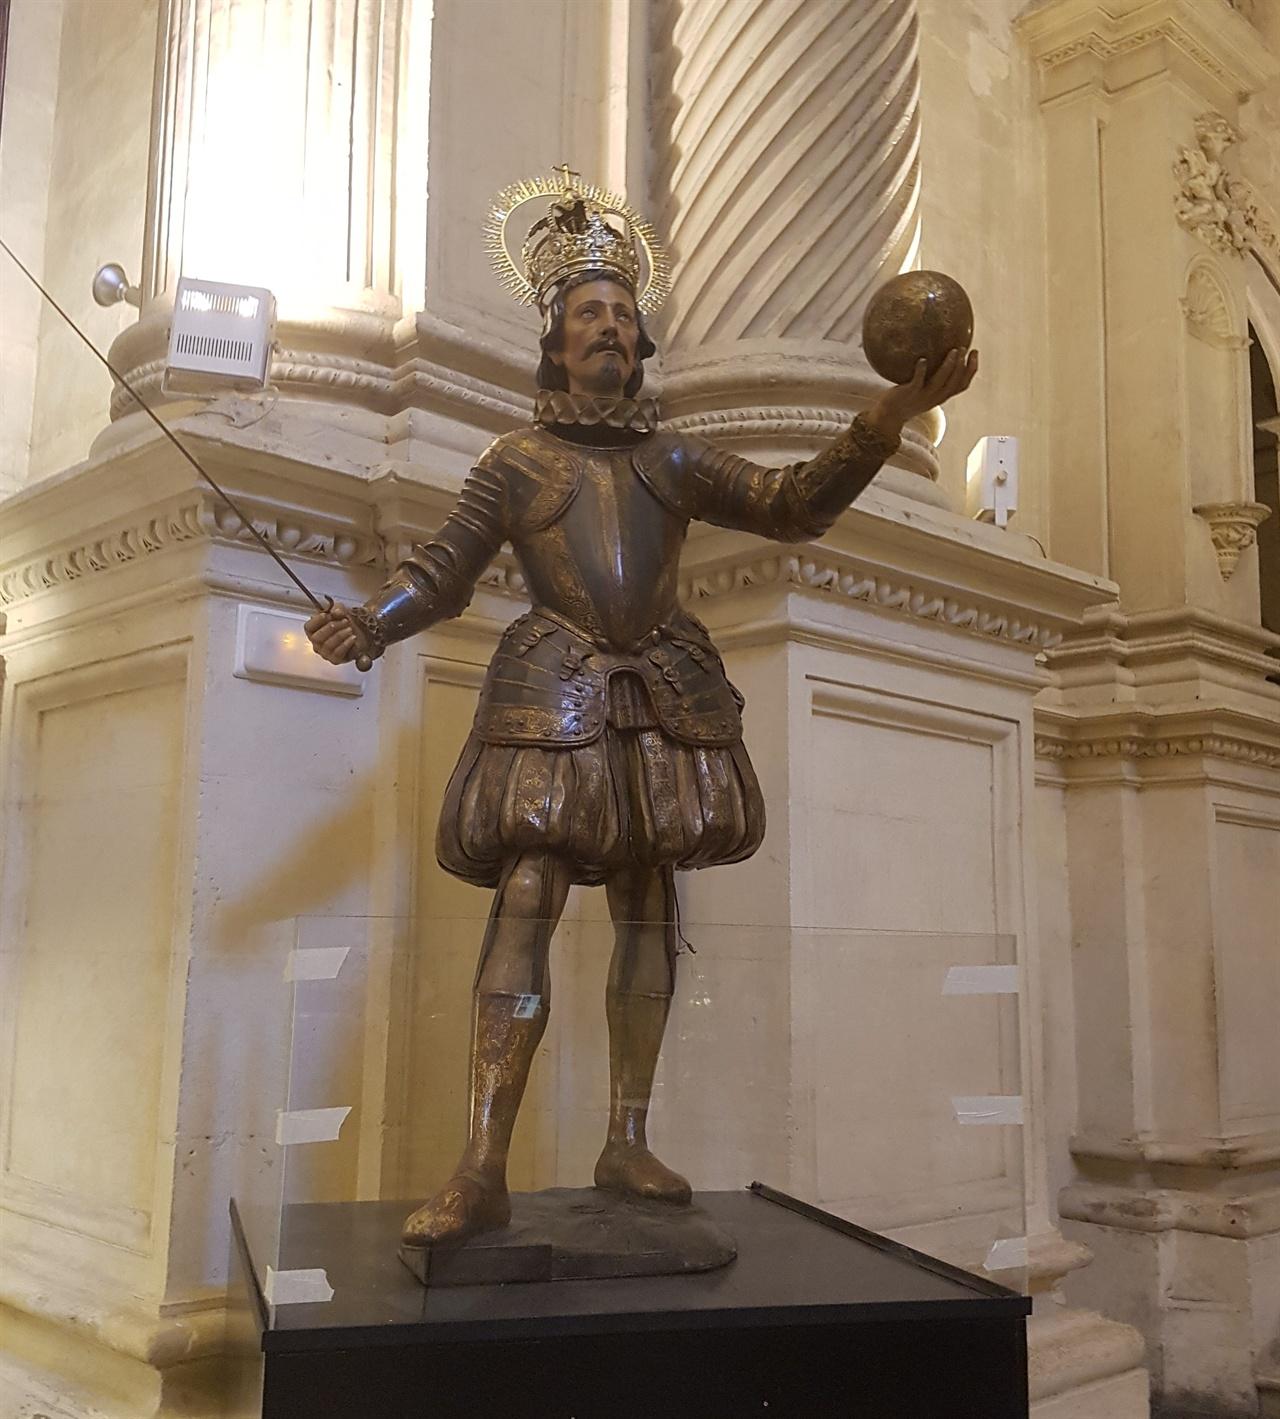 탐험을 즐기는 스페인 선조들은 항상 지구는 내 손안에 있다고 생각한 걸까요? 성당 안에 지구를 든 조각상이 인상적입니다.